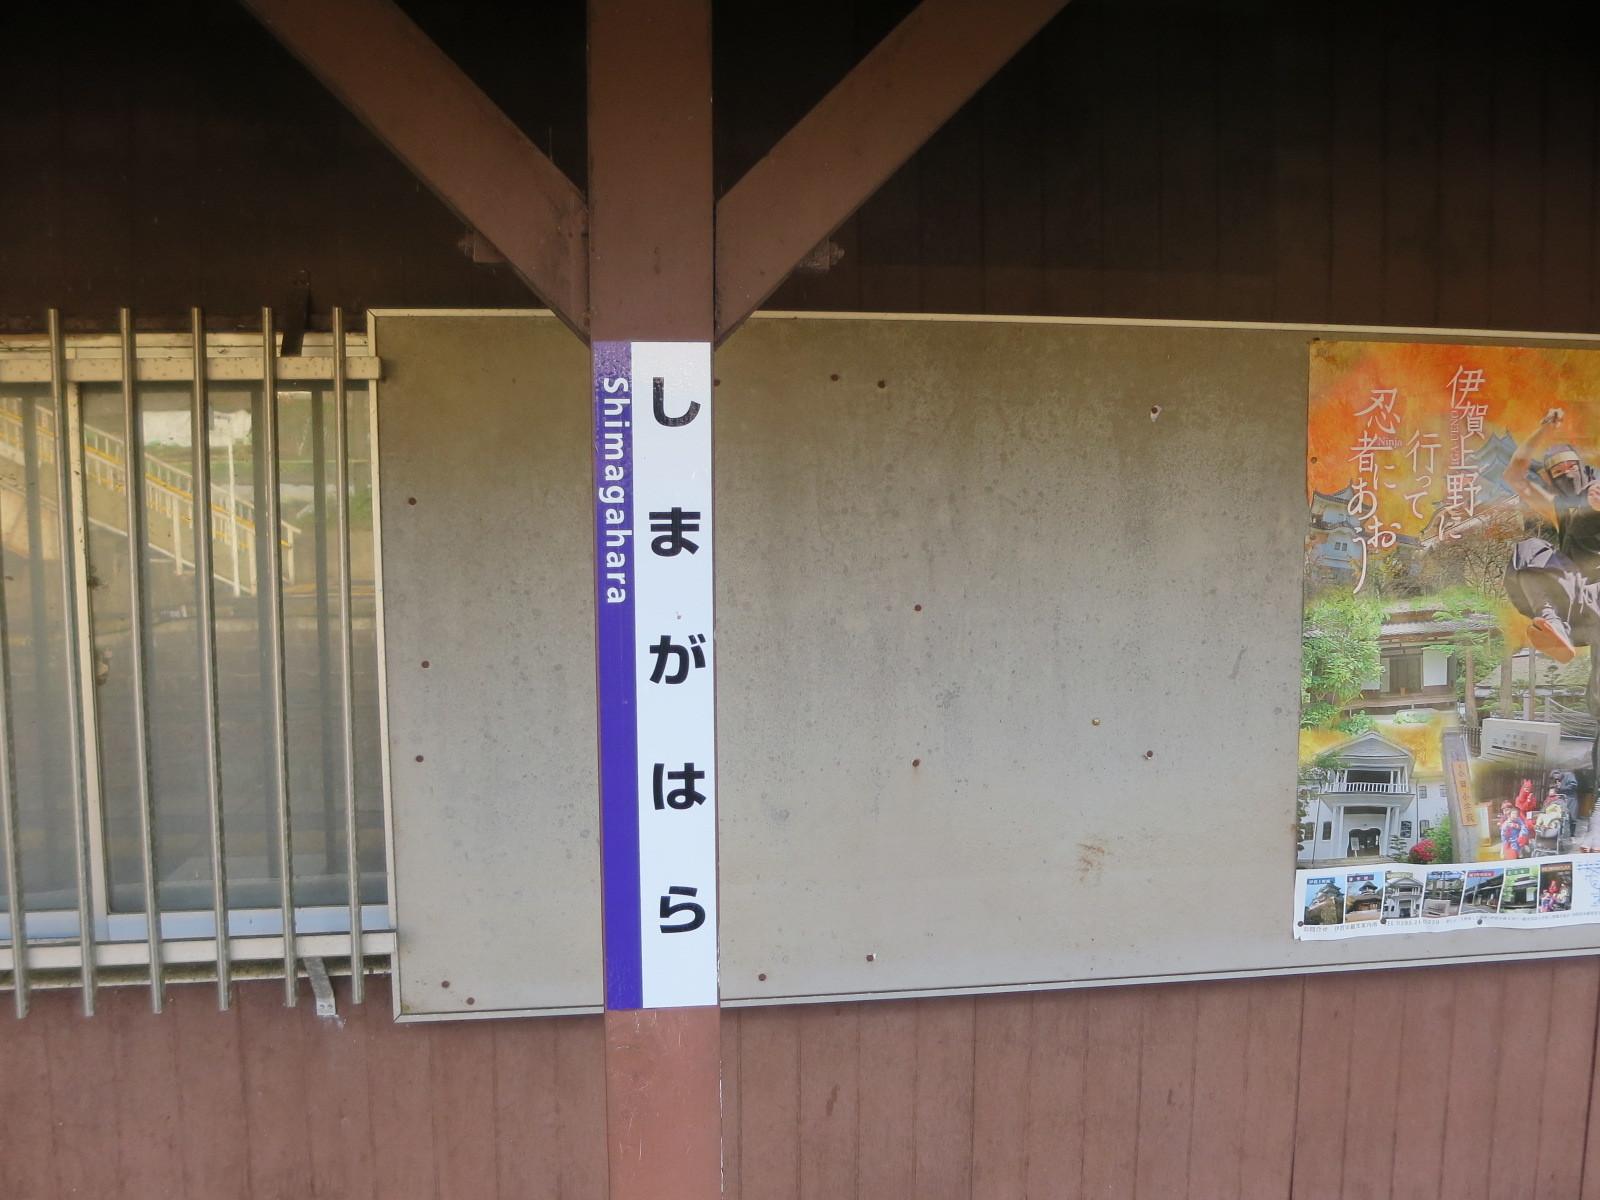 島ヶ原駅から笠置駅へ~関西線に乗ろう~_c0001670_18445345.jpg